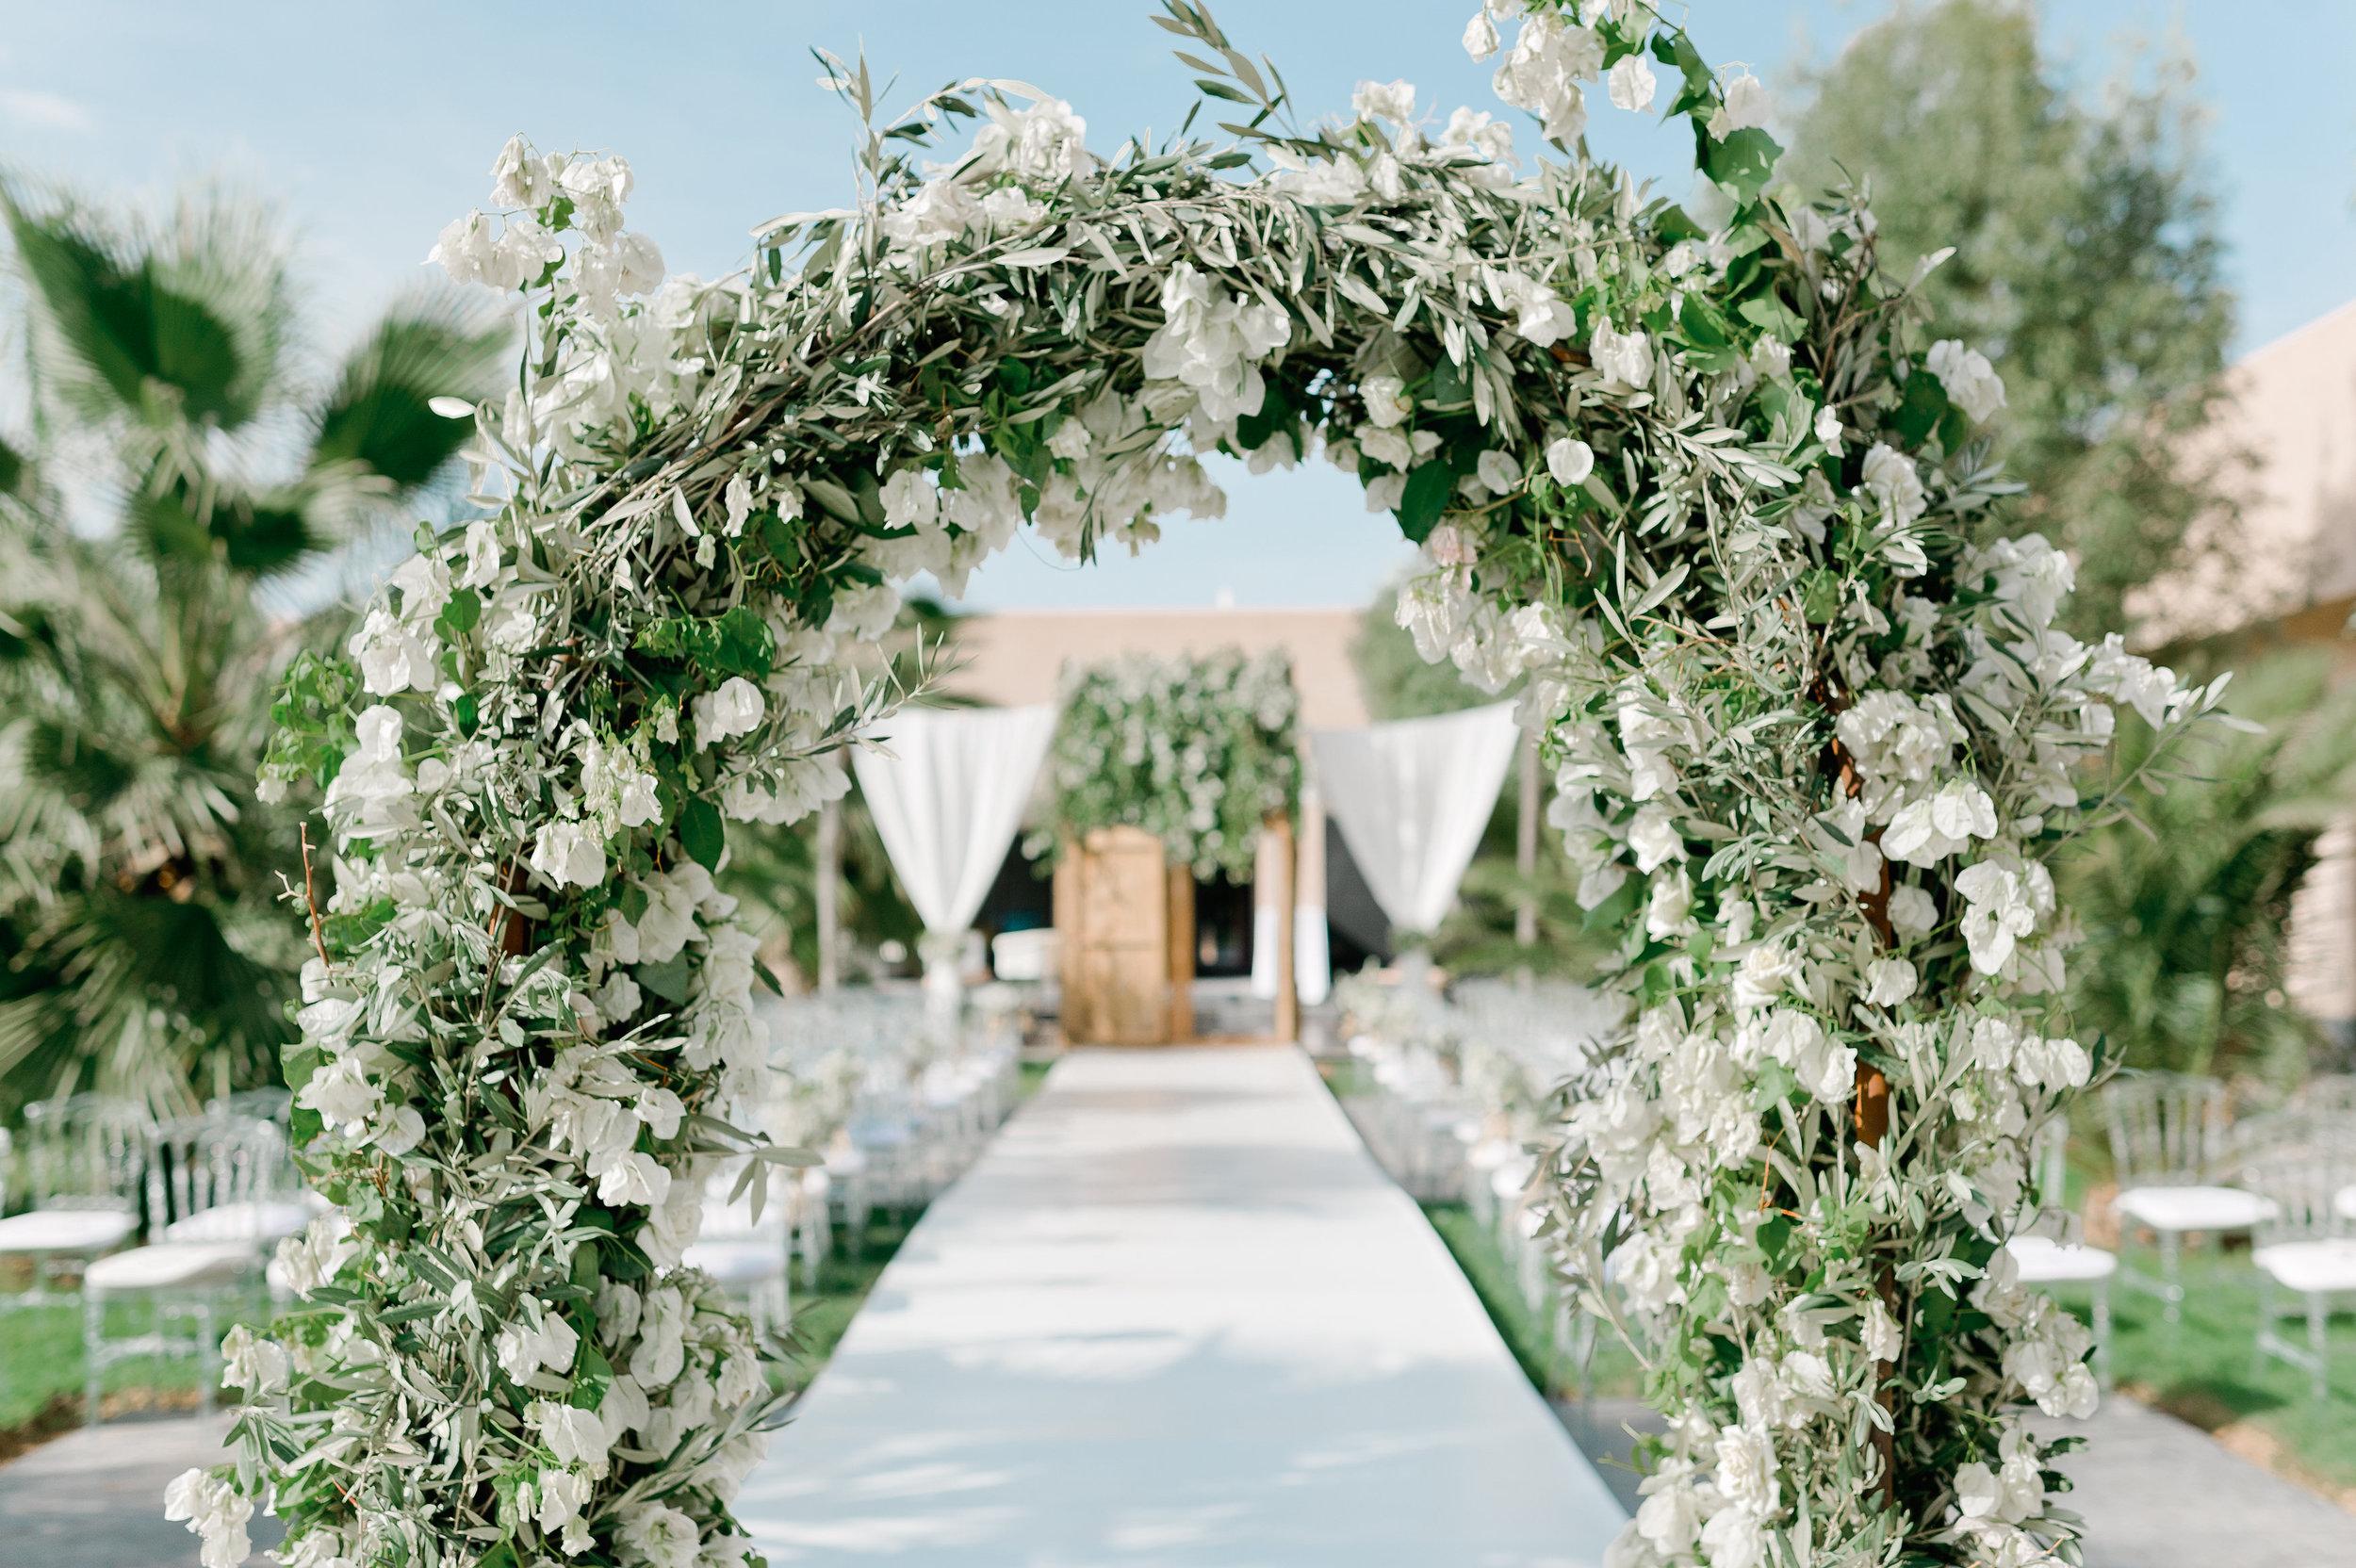 Mariage... - Nous prenons en charge toute l'organisation de votre mariage pour que vous ne profitiez que du meilleur le jour J. Lieux, traiteur, décoration, fleurs, animations, nous nous sommes entourés des meilleurs prestataires pour répondre à toutes vos désirs.